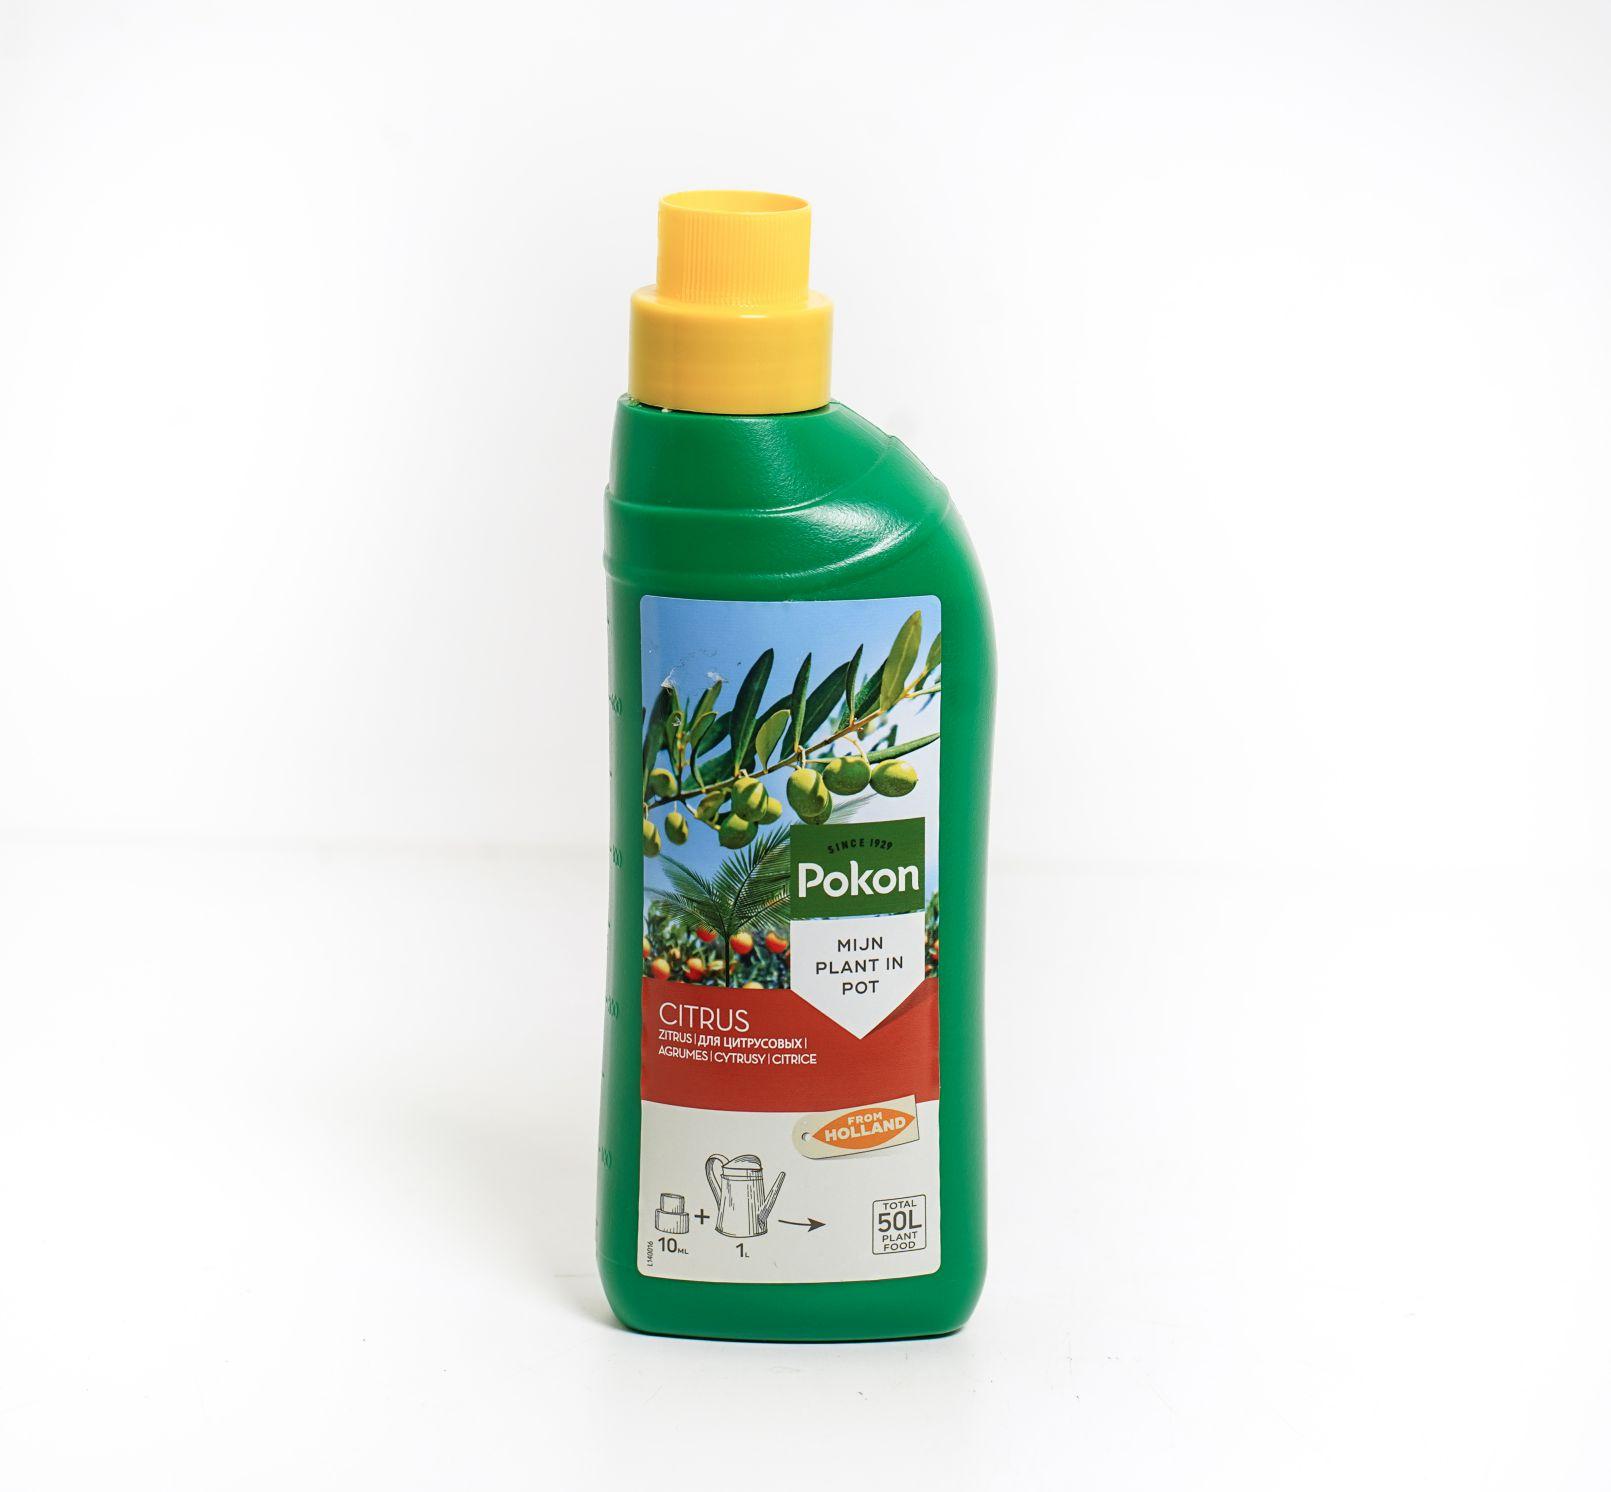 Pokon Citrus  Soil Fertilizer Pesticide